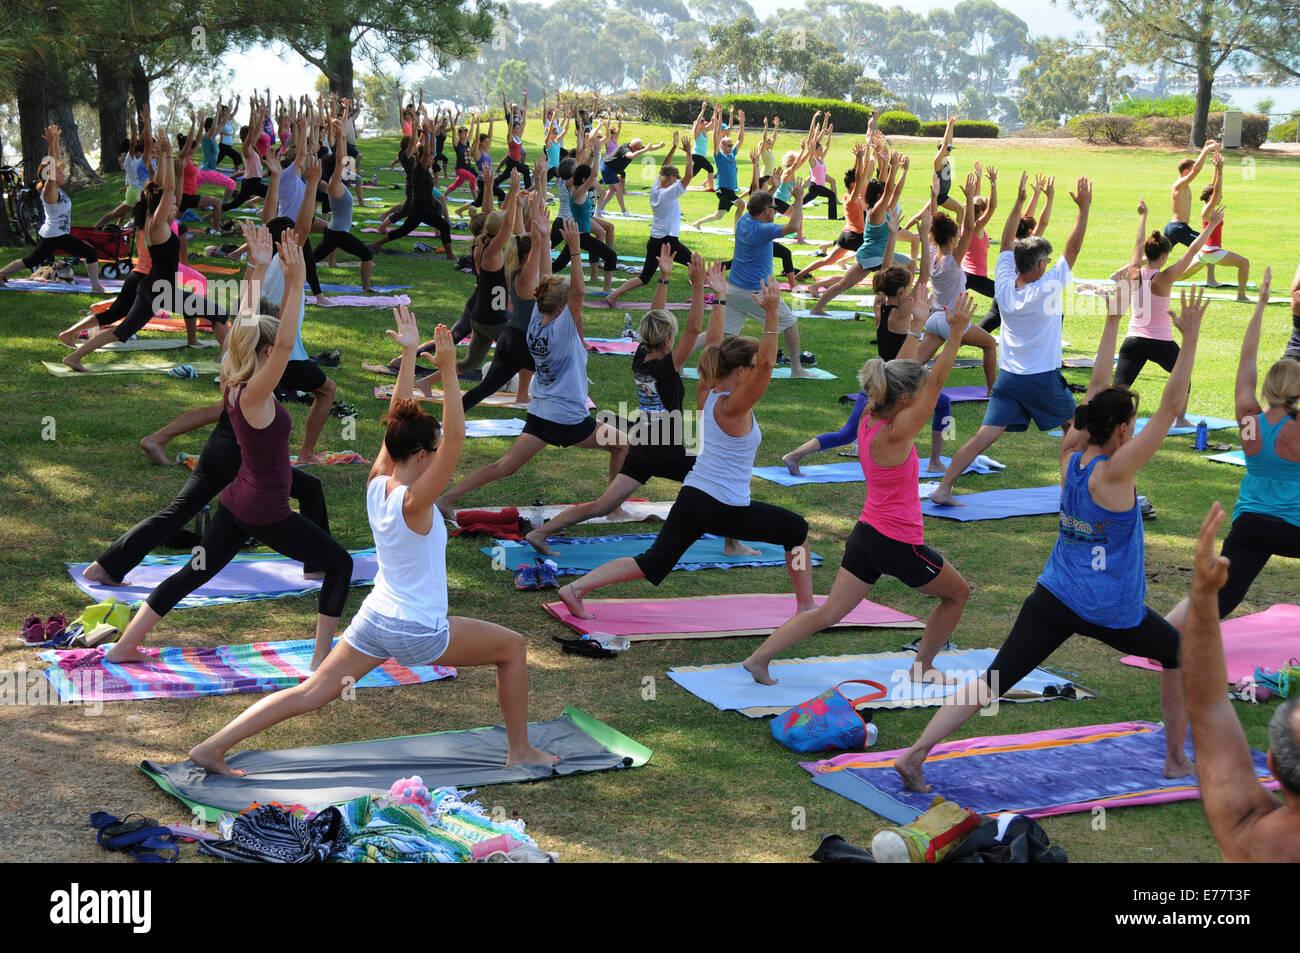 Ogni giorno libero esercizio all'aperto e lezioni di yoga a lanterna Bay Park in Dana Point, California Immagini Stock